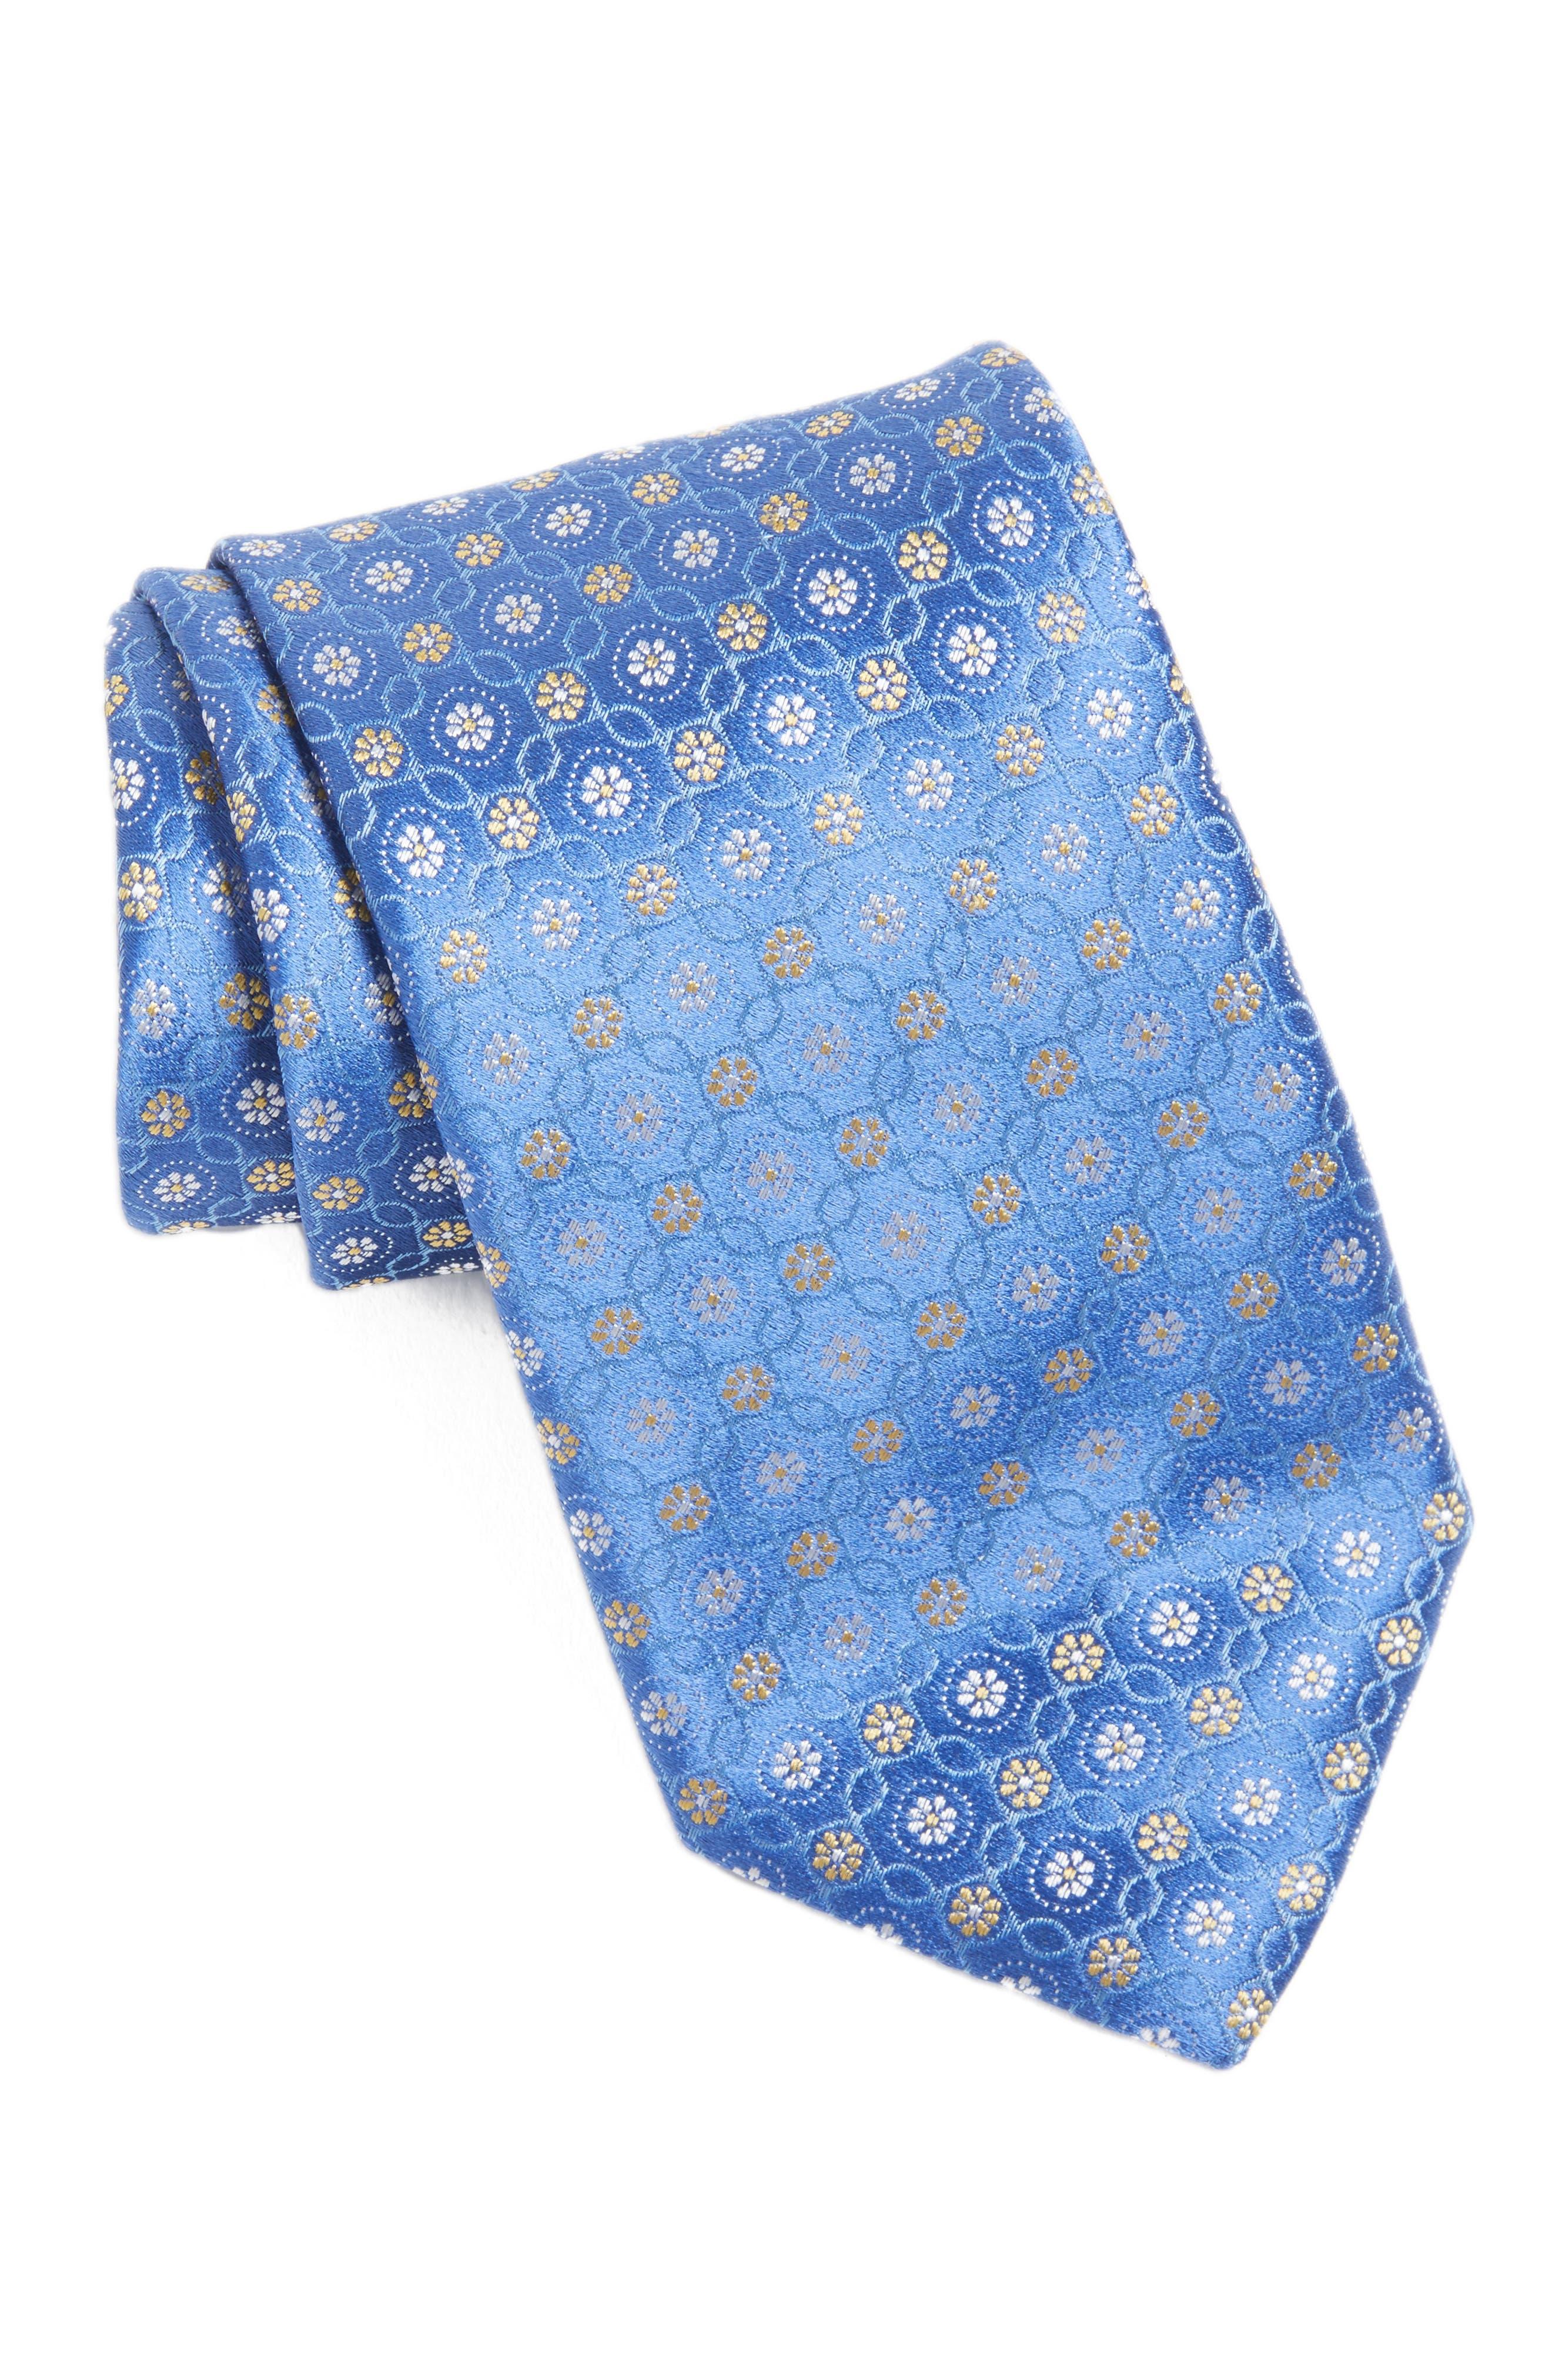 Medallion Silk Tie,                         Main,                         color, Medium Blue